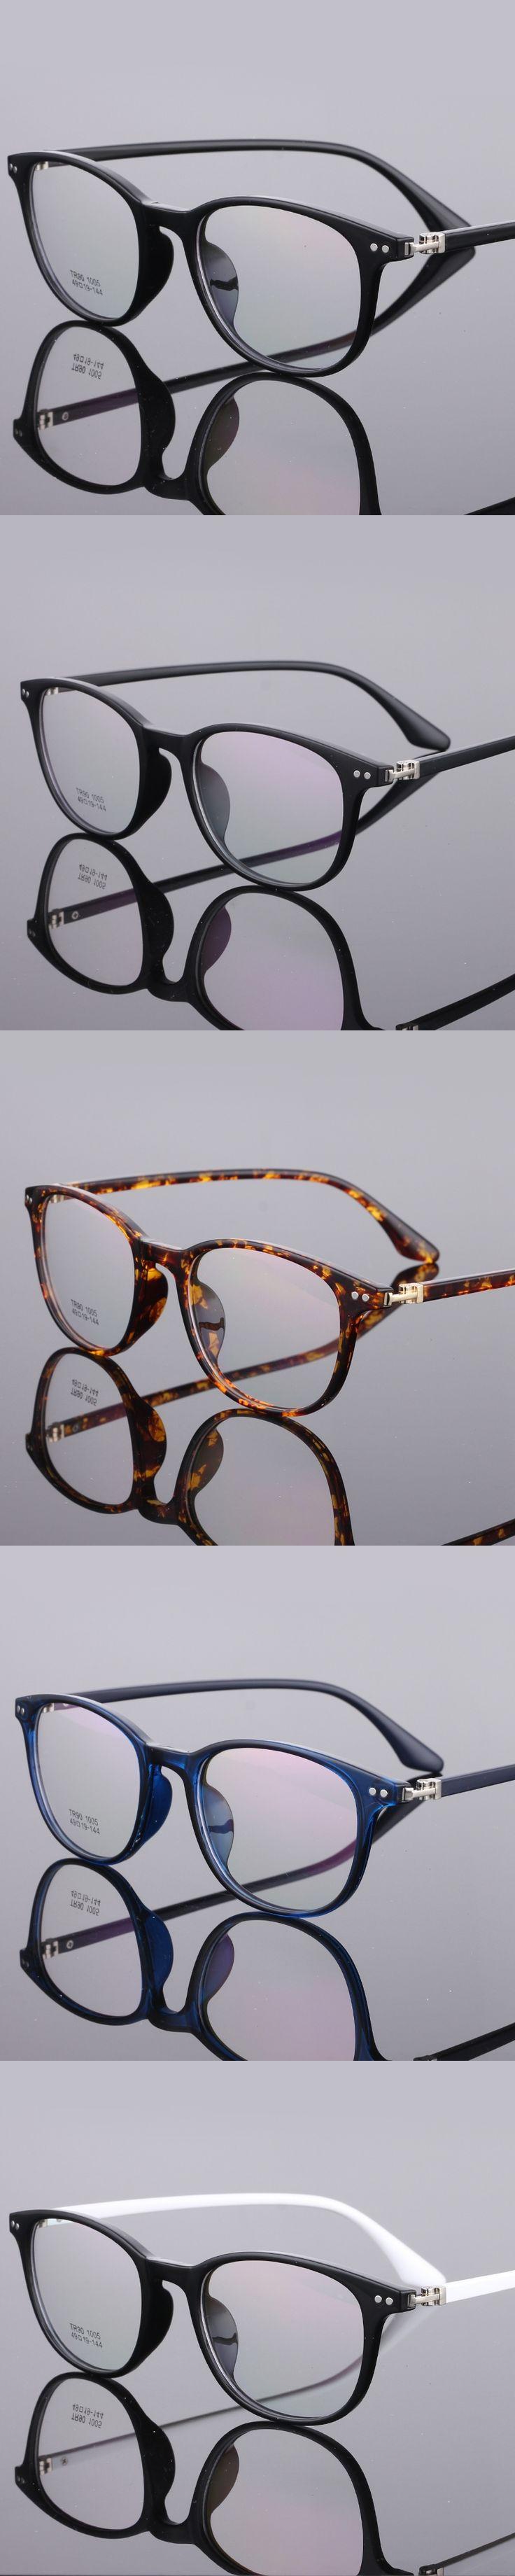 The New TR90 women Glasses frame retro optical clear Full box Eyeglasses frame Men prescription glasses frames 1005